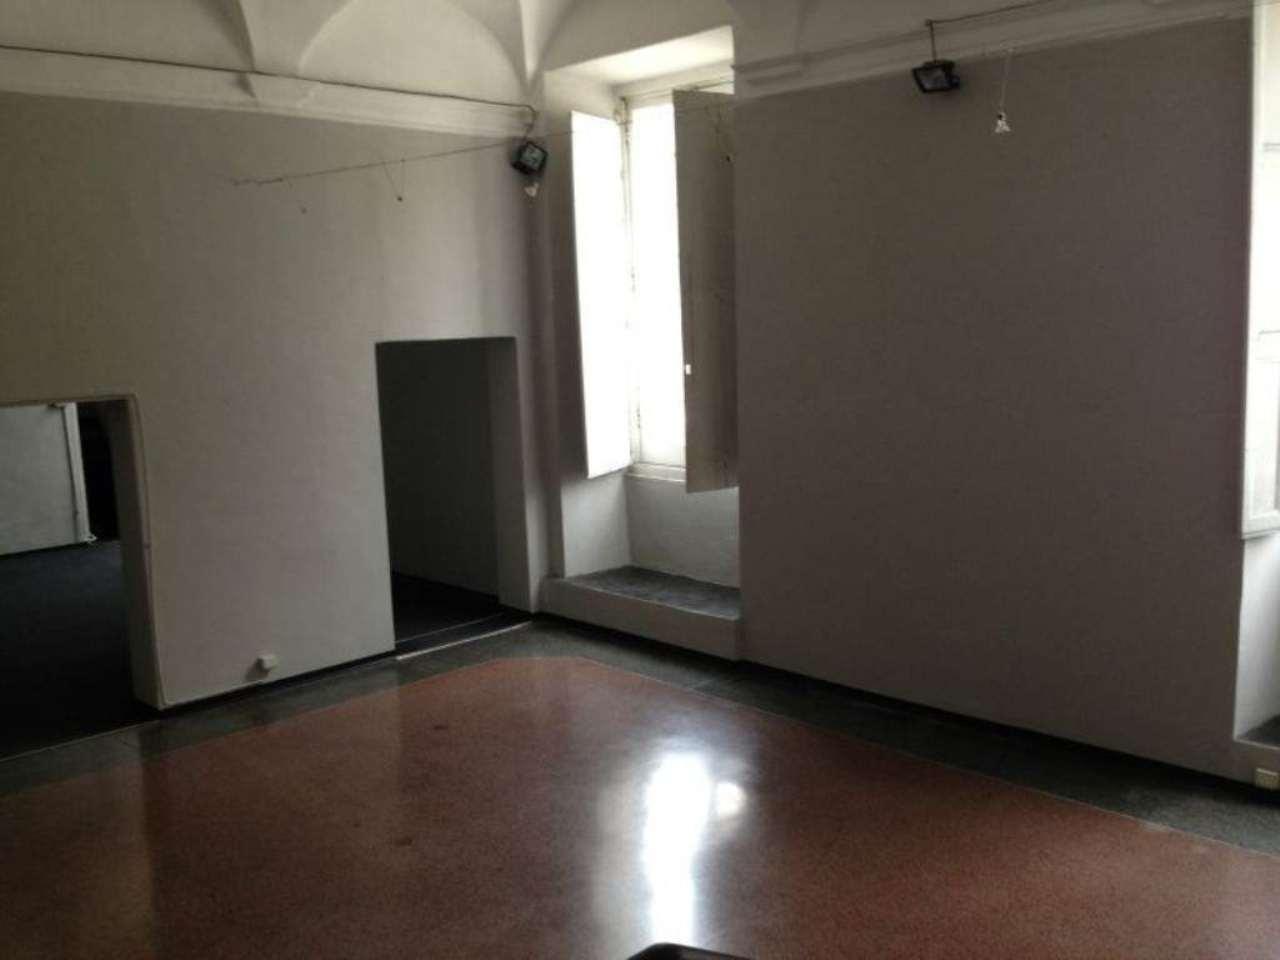 Ufficio / Studio in affitto a Genova, 3 locali, prezzo € 900 | Cambio Casa.it